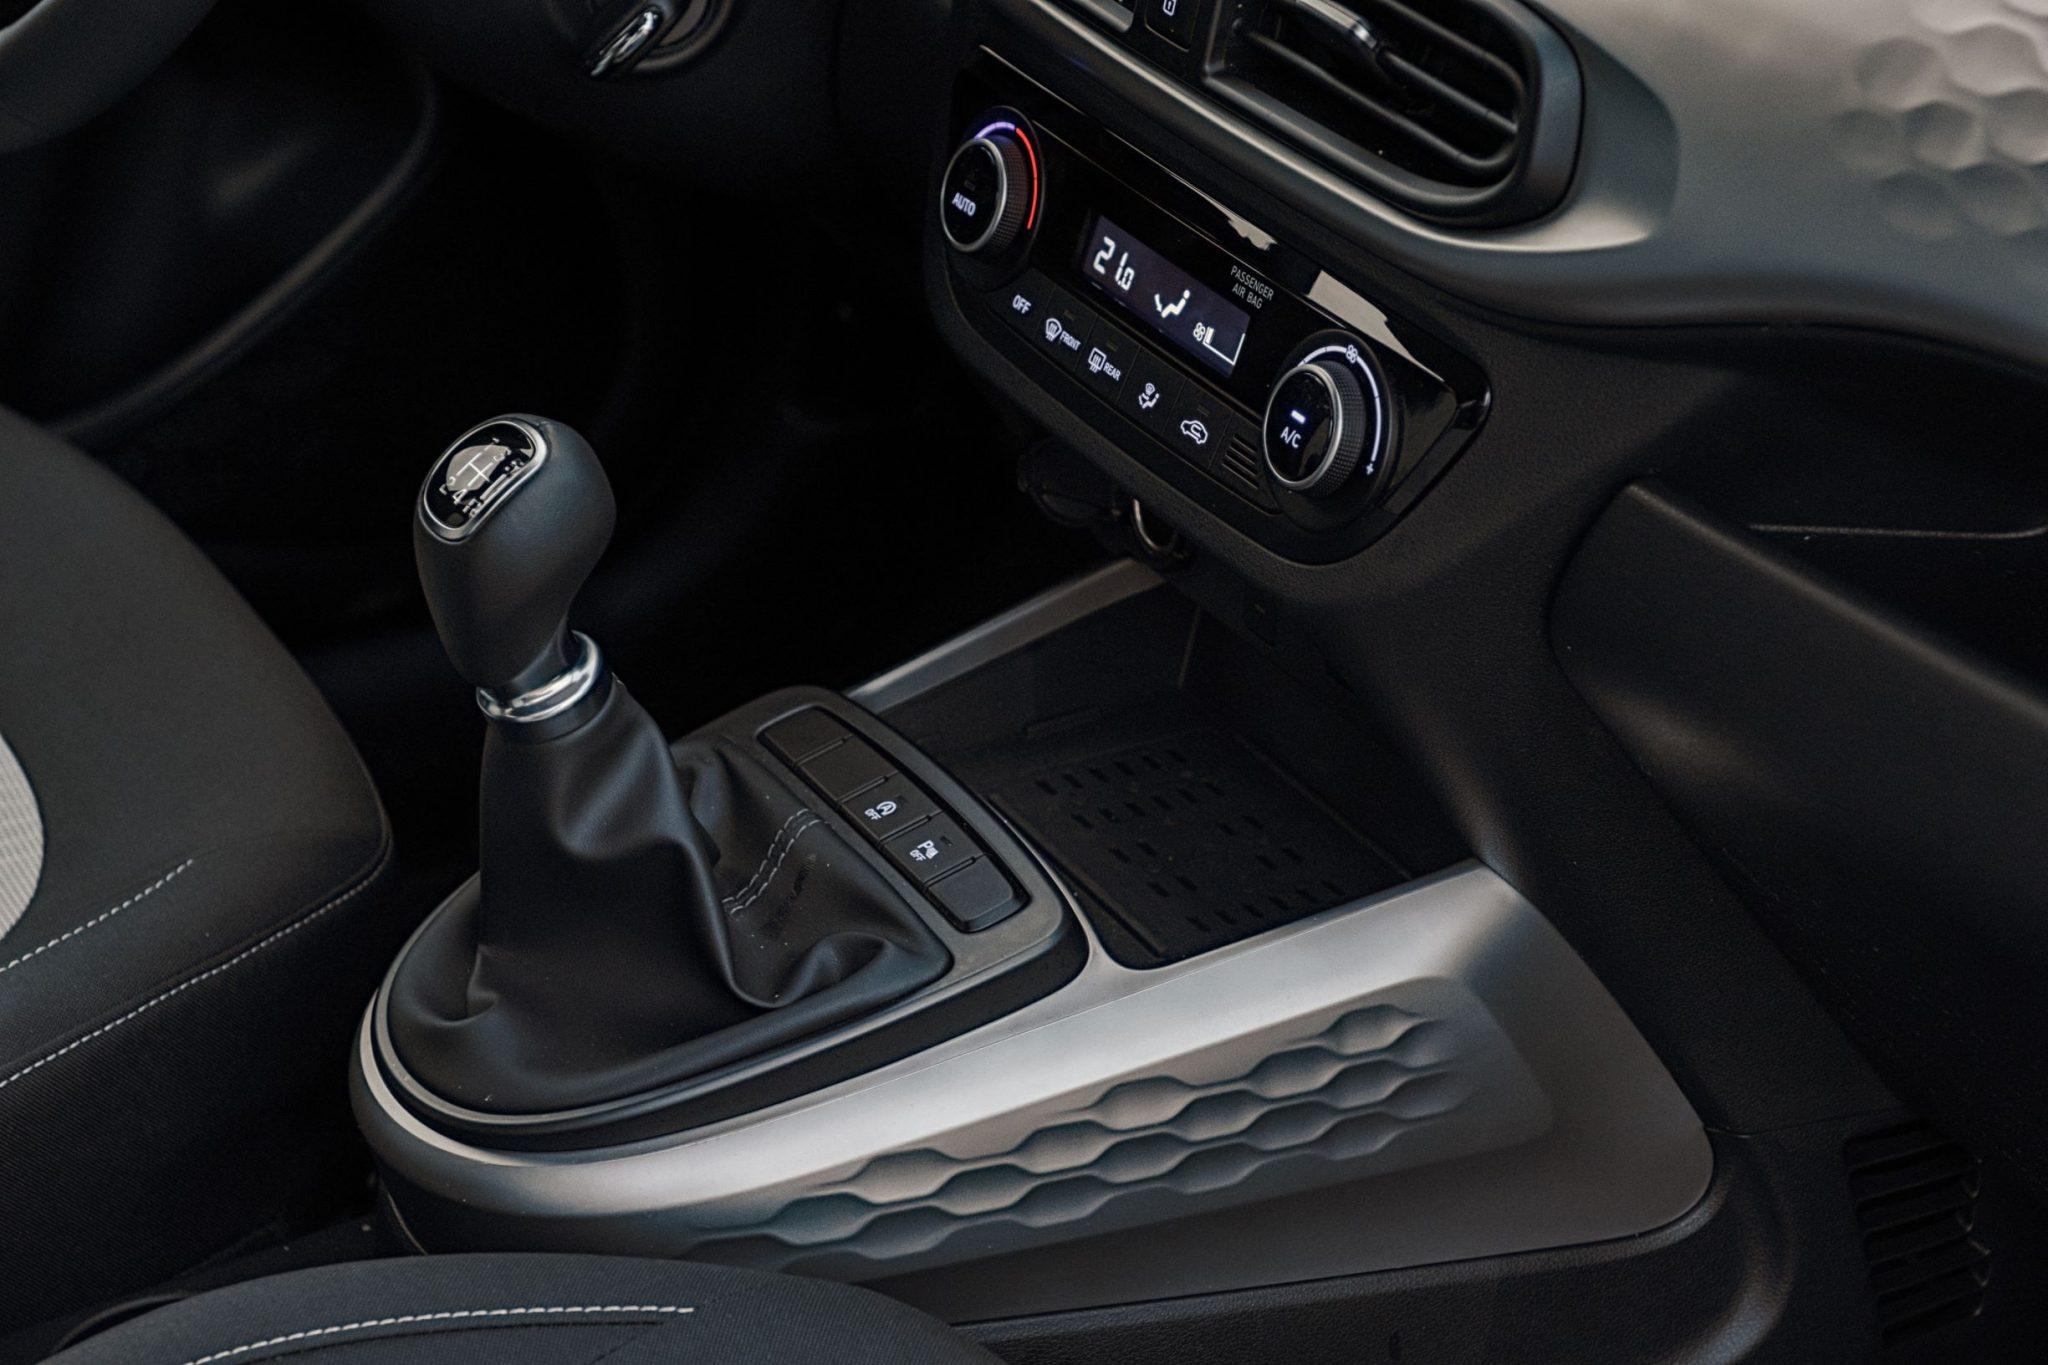 Auto più lente Hyundai i10 cambio